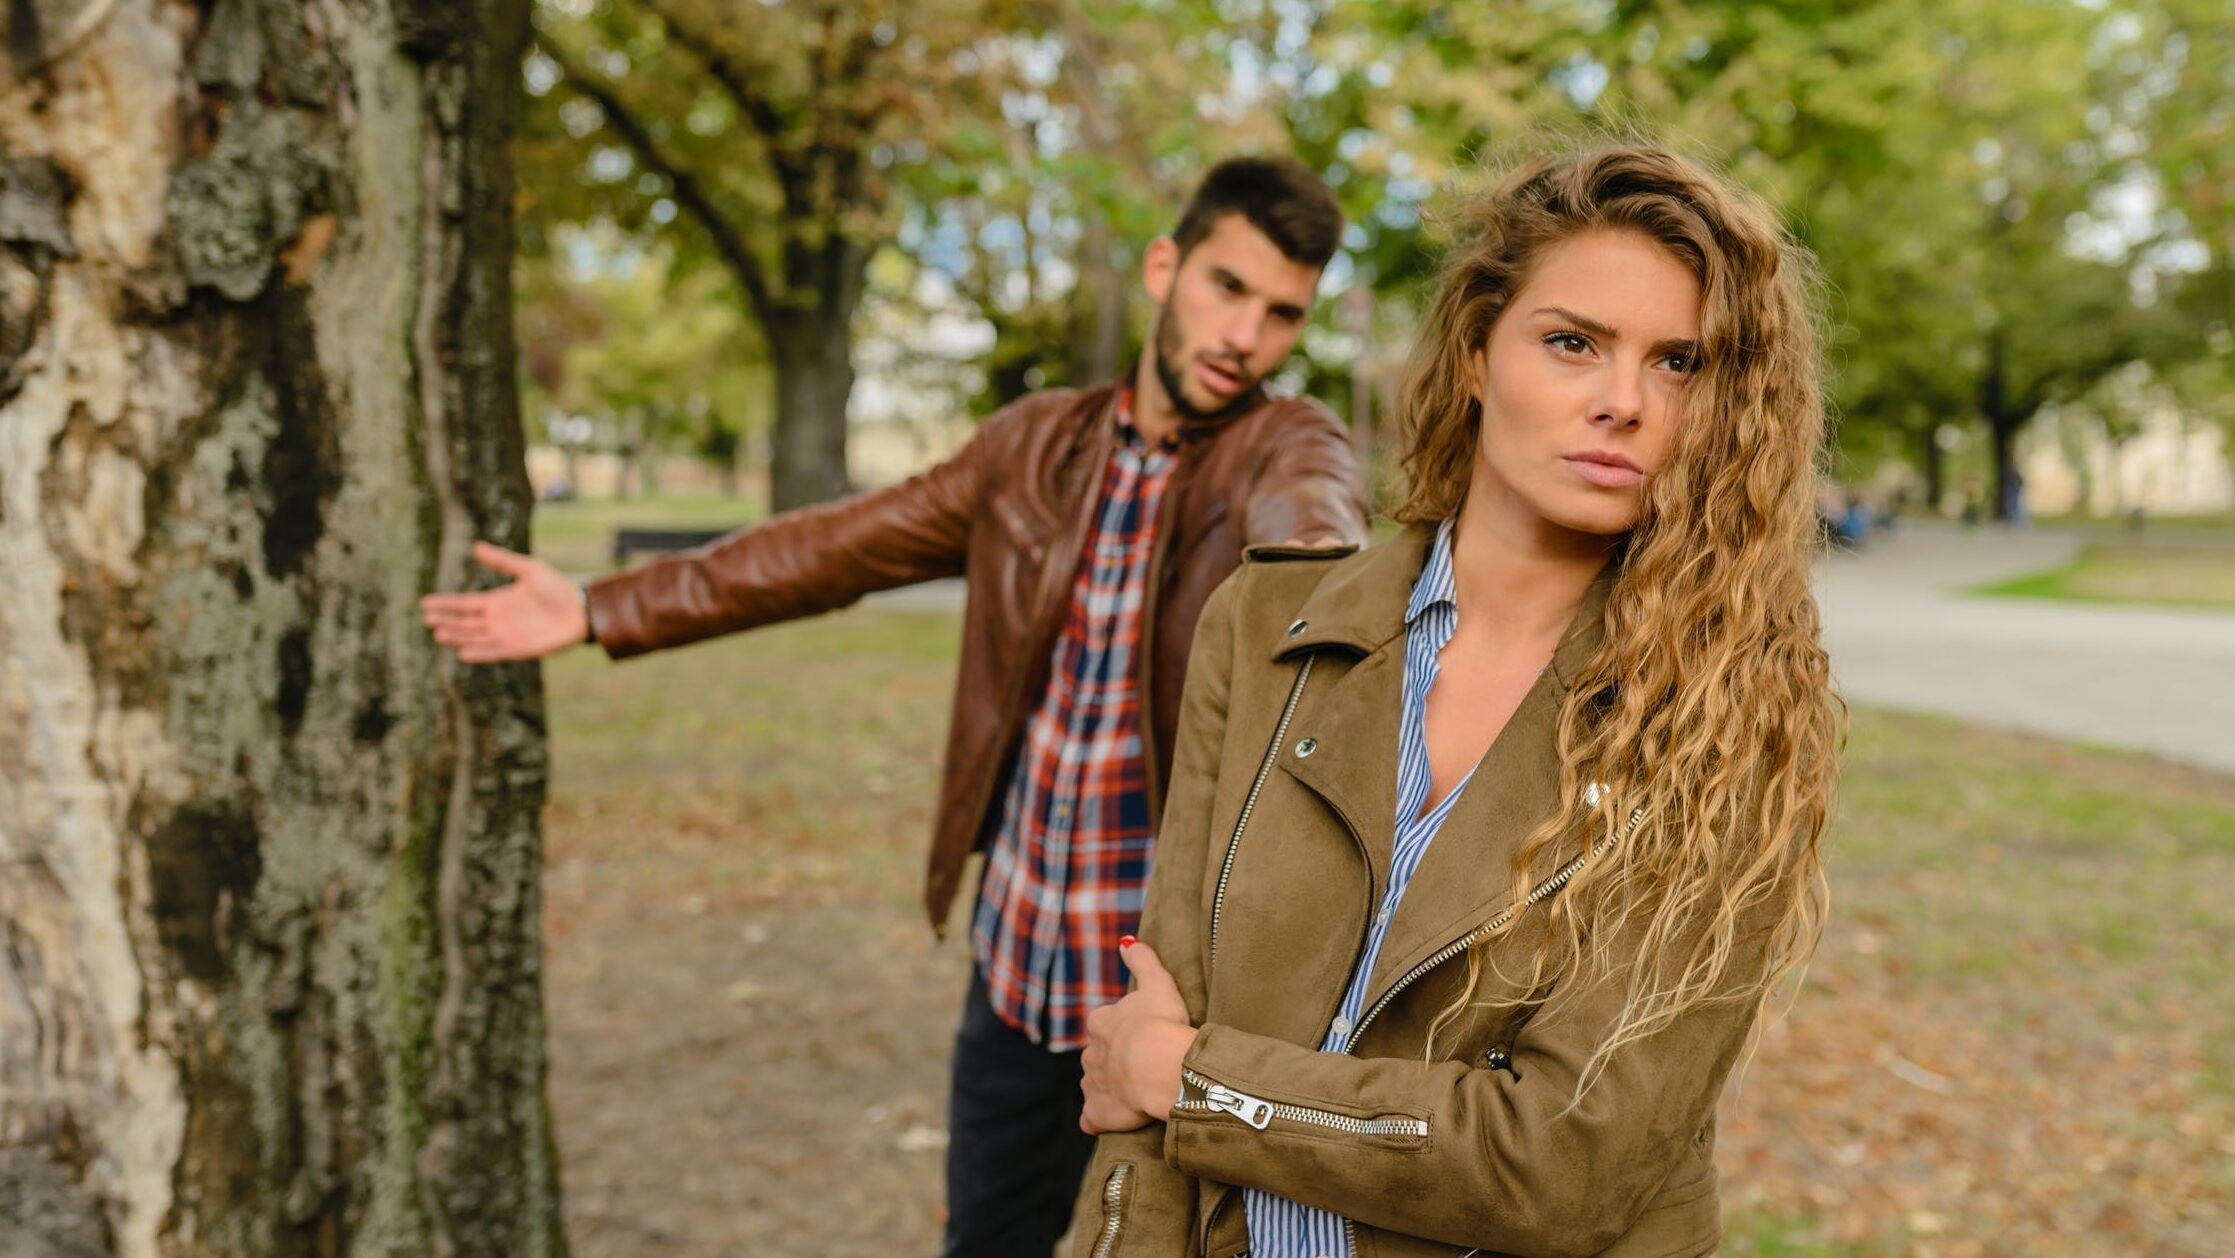 夫婦喧嘩の仲直りができない…気まずい…時の仲直りの仕方や方法は?タイミングやメールなどのイメージ画像3